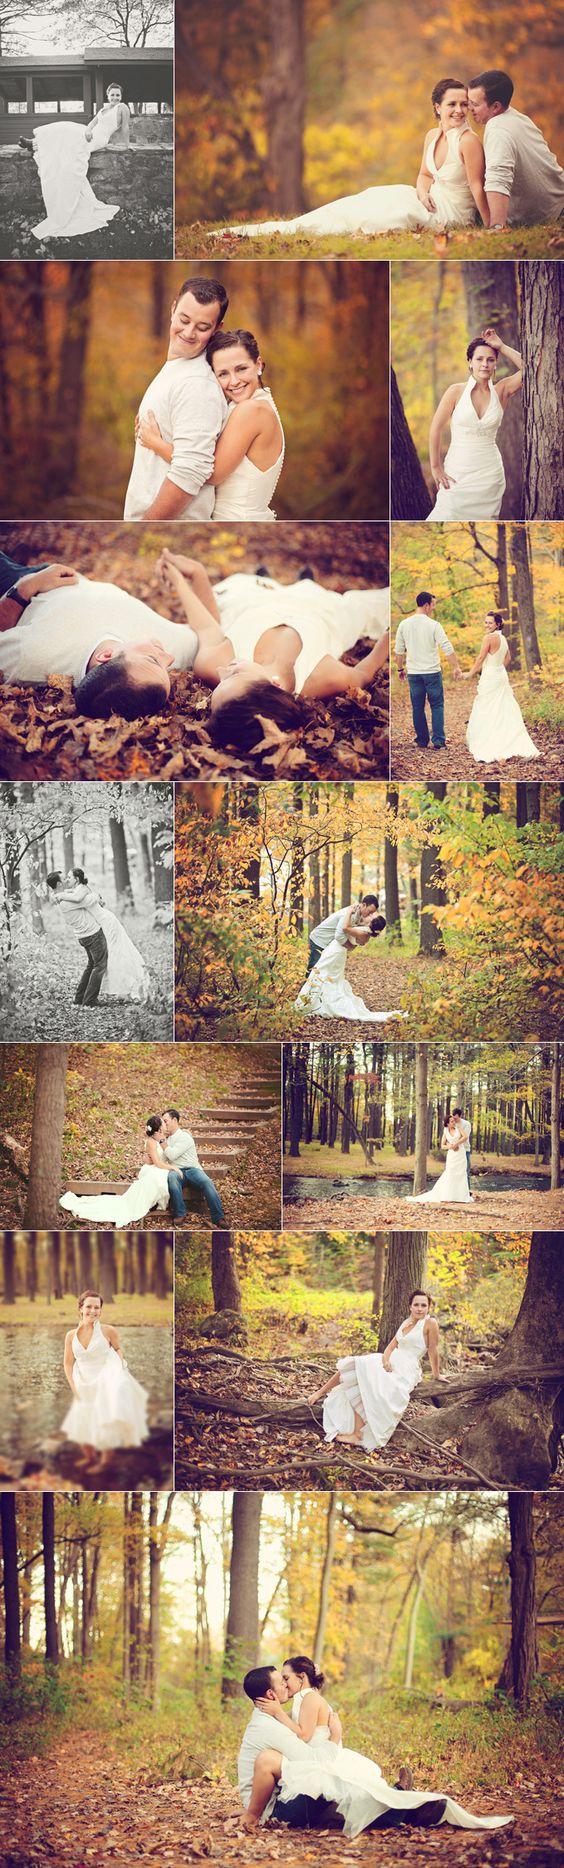 ¿Las fotografías de boda?, por el campo